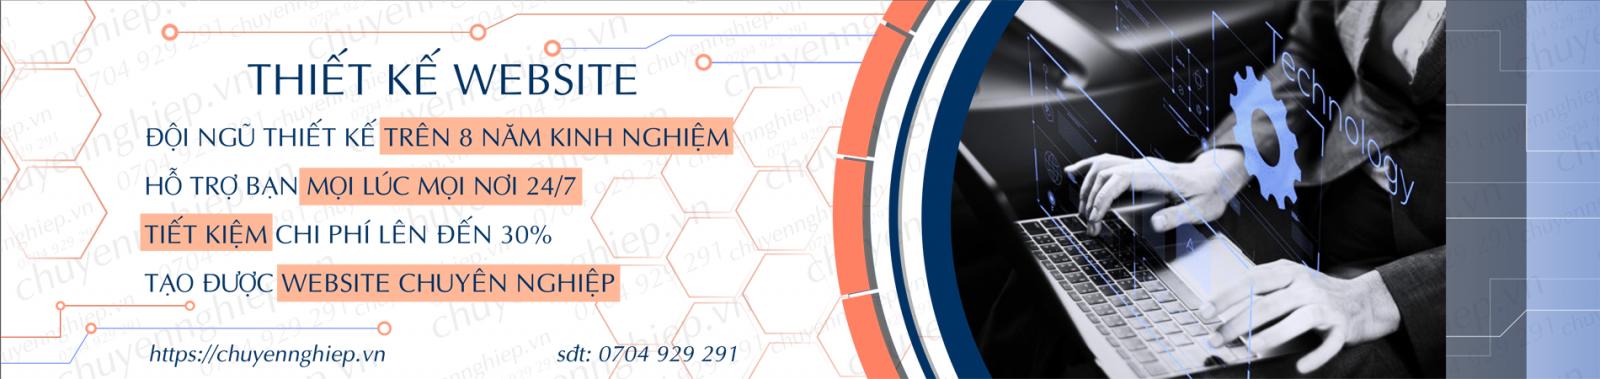 Dịch vụ thiết kế website tại TPHCM